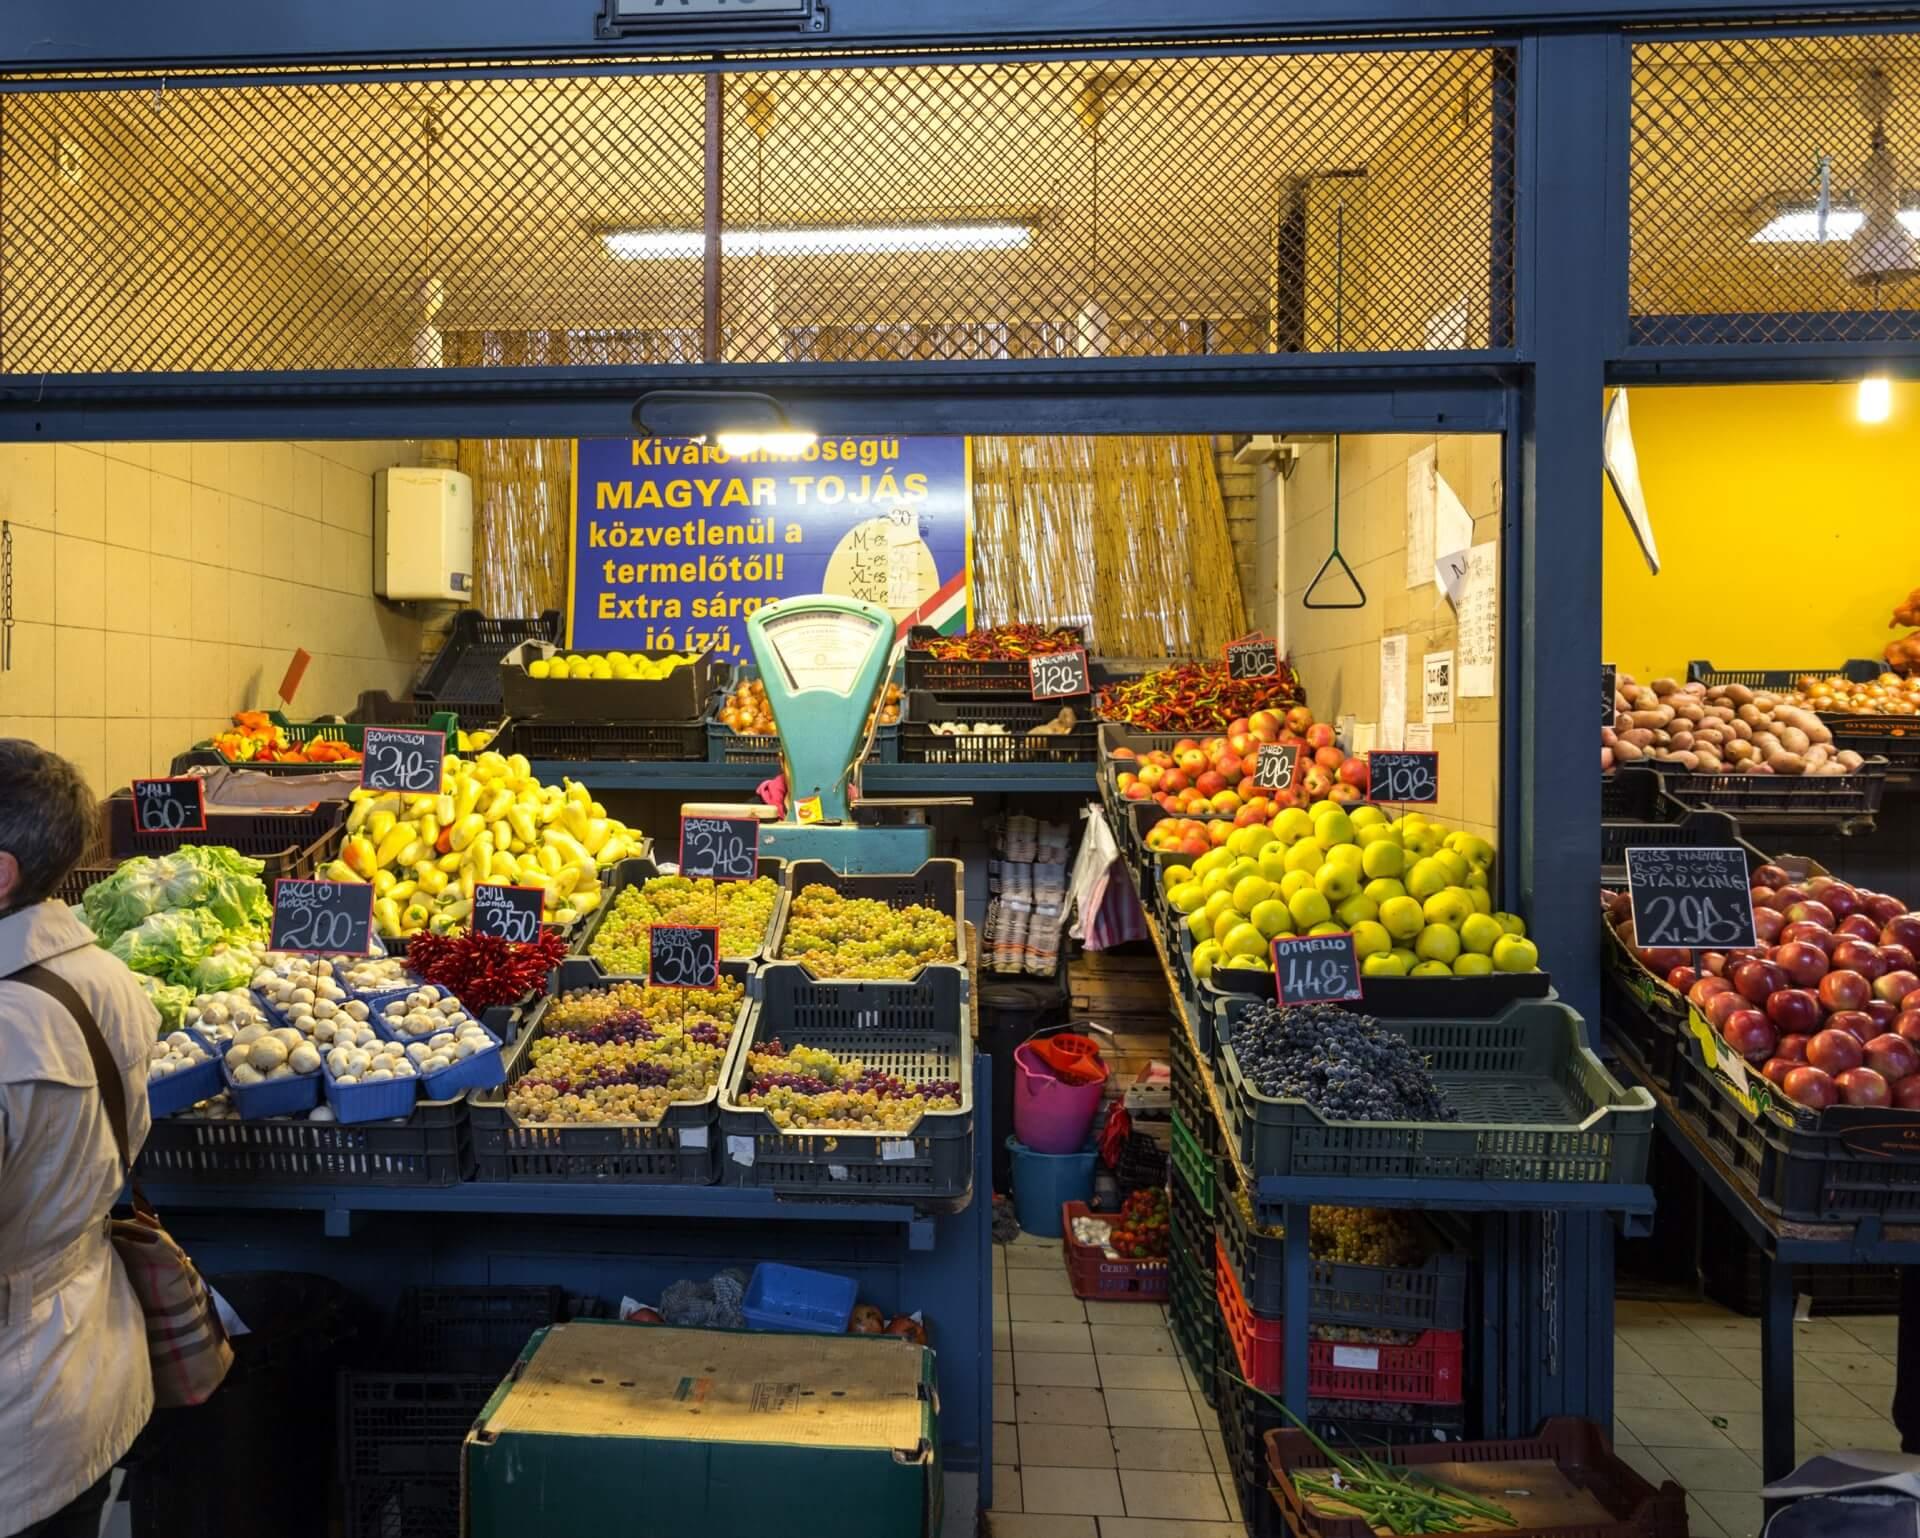 Typischer Gemüsestand in der Markthalle Budapest